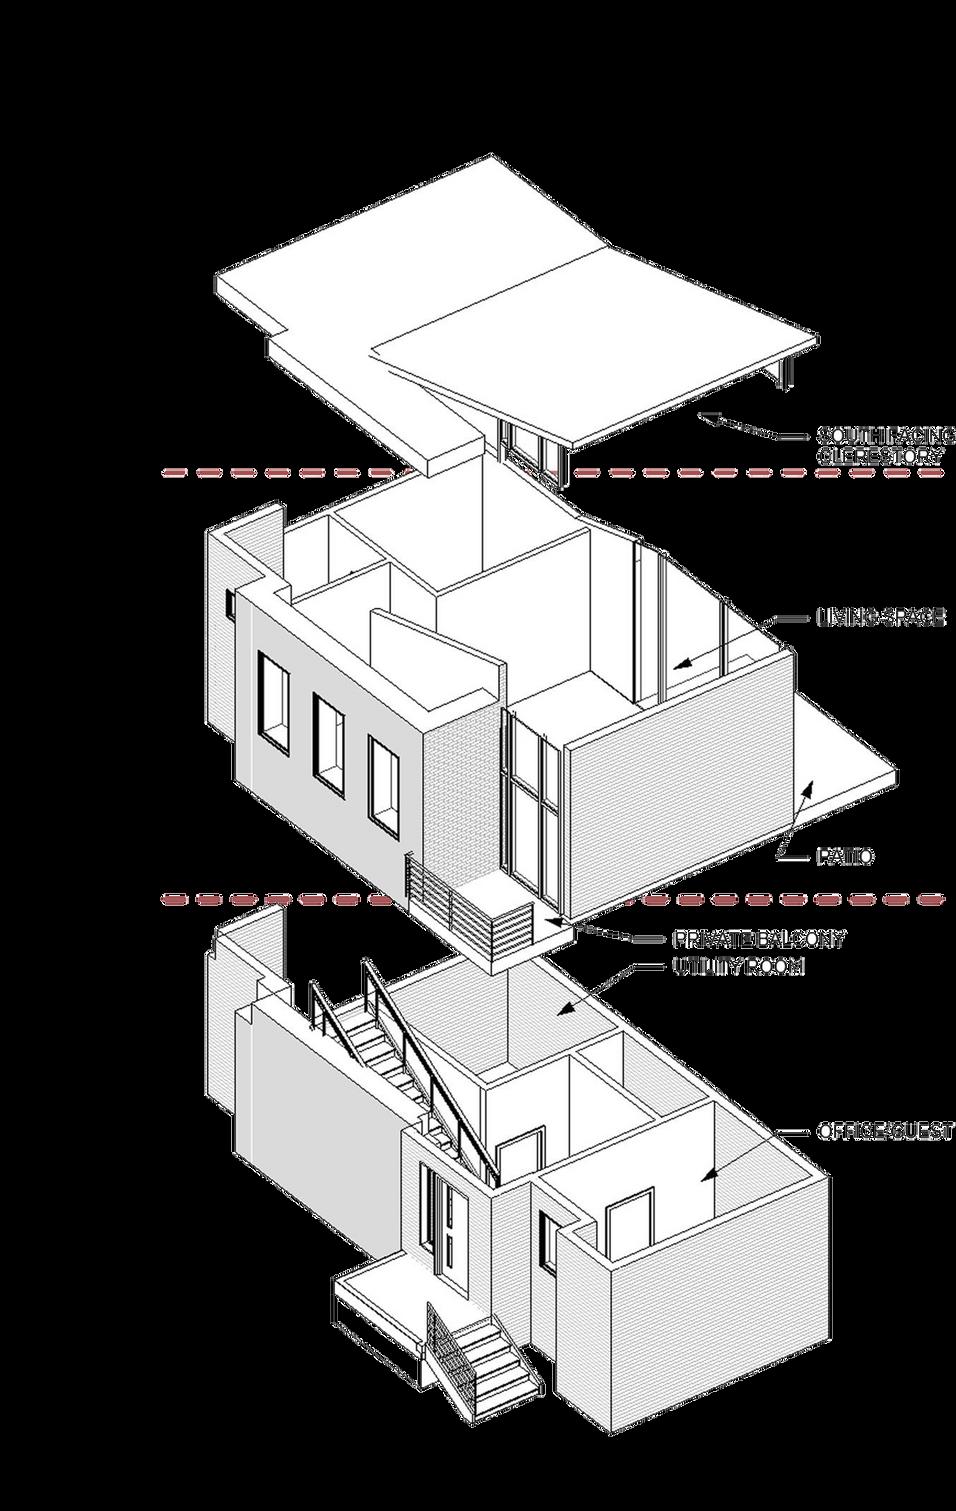 axon apartment.png